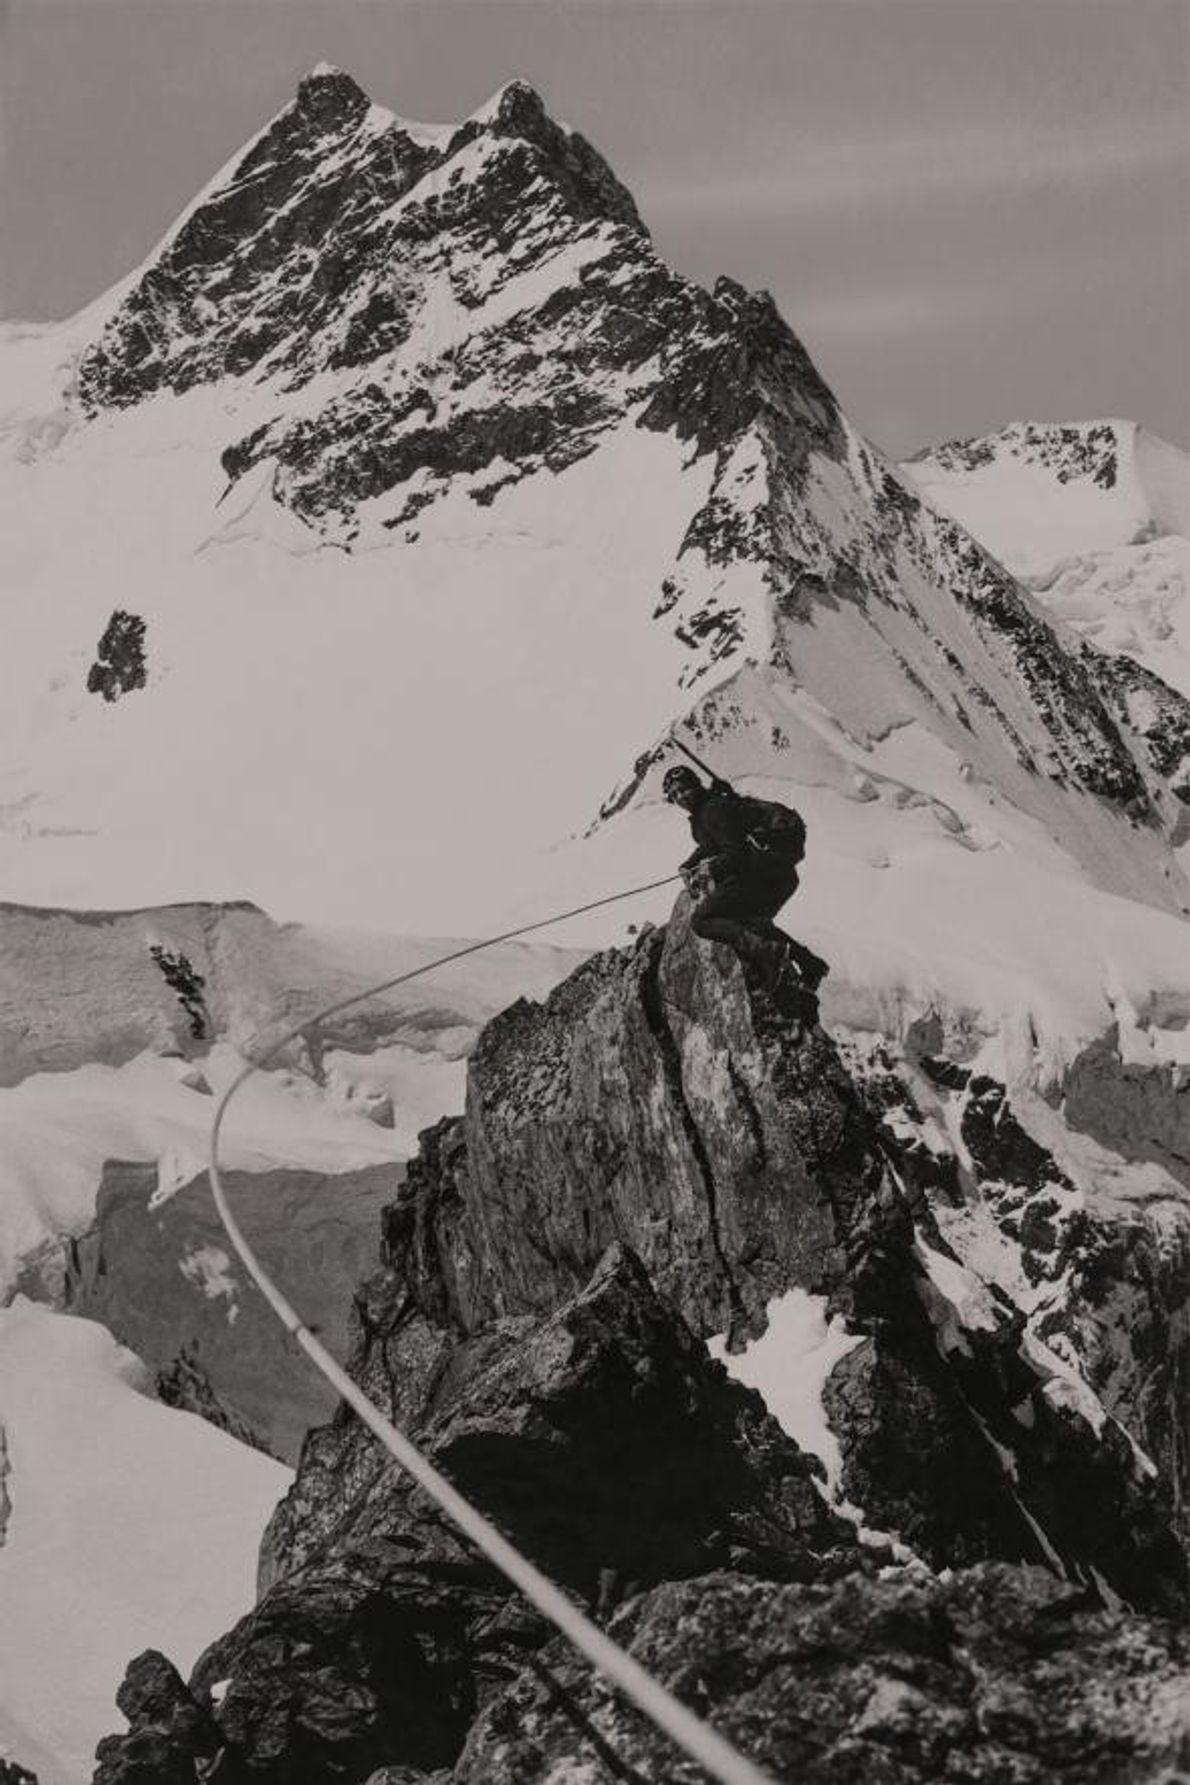 Photographiée par sa partenaire d'alpinisme Miriam O'Brien, Micheline Morin prend la pose devant l'impressionnant Jungfrau. En ...